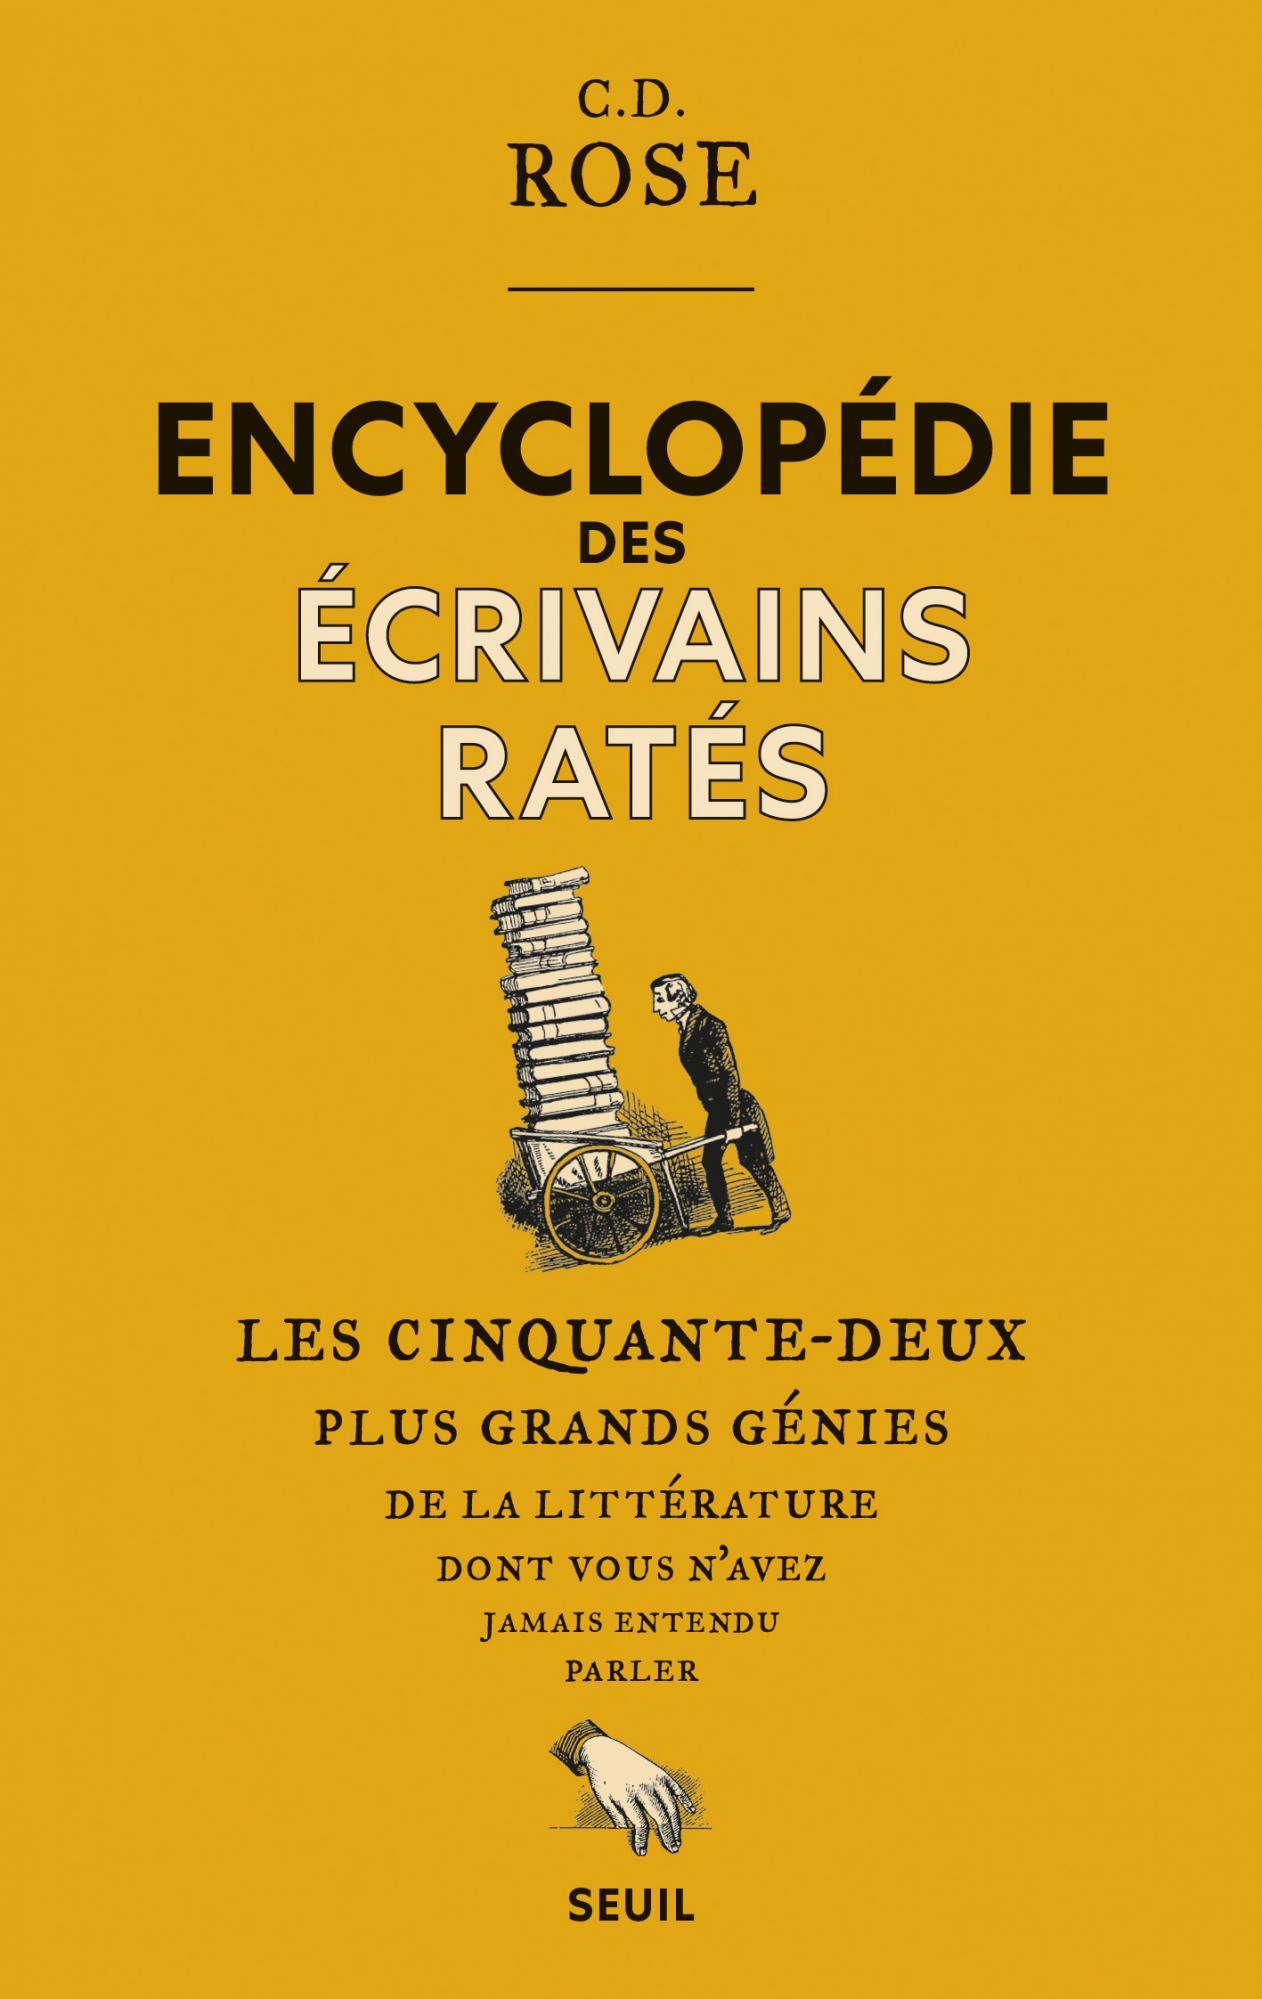 C. D. Rose,Encyclopédie des écrivains ratés. Les cinquante-deux plus grands génies de la littérature dont vous n'avez jamais entendu parler